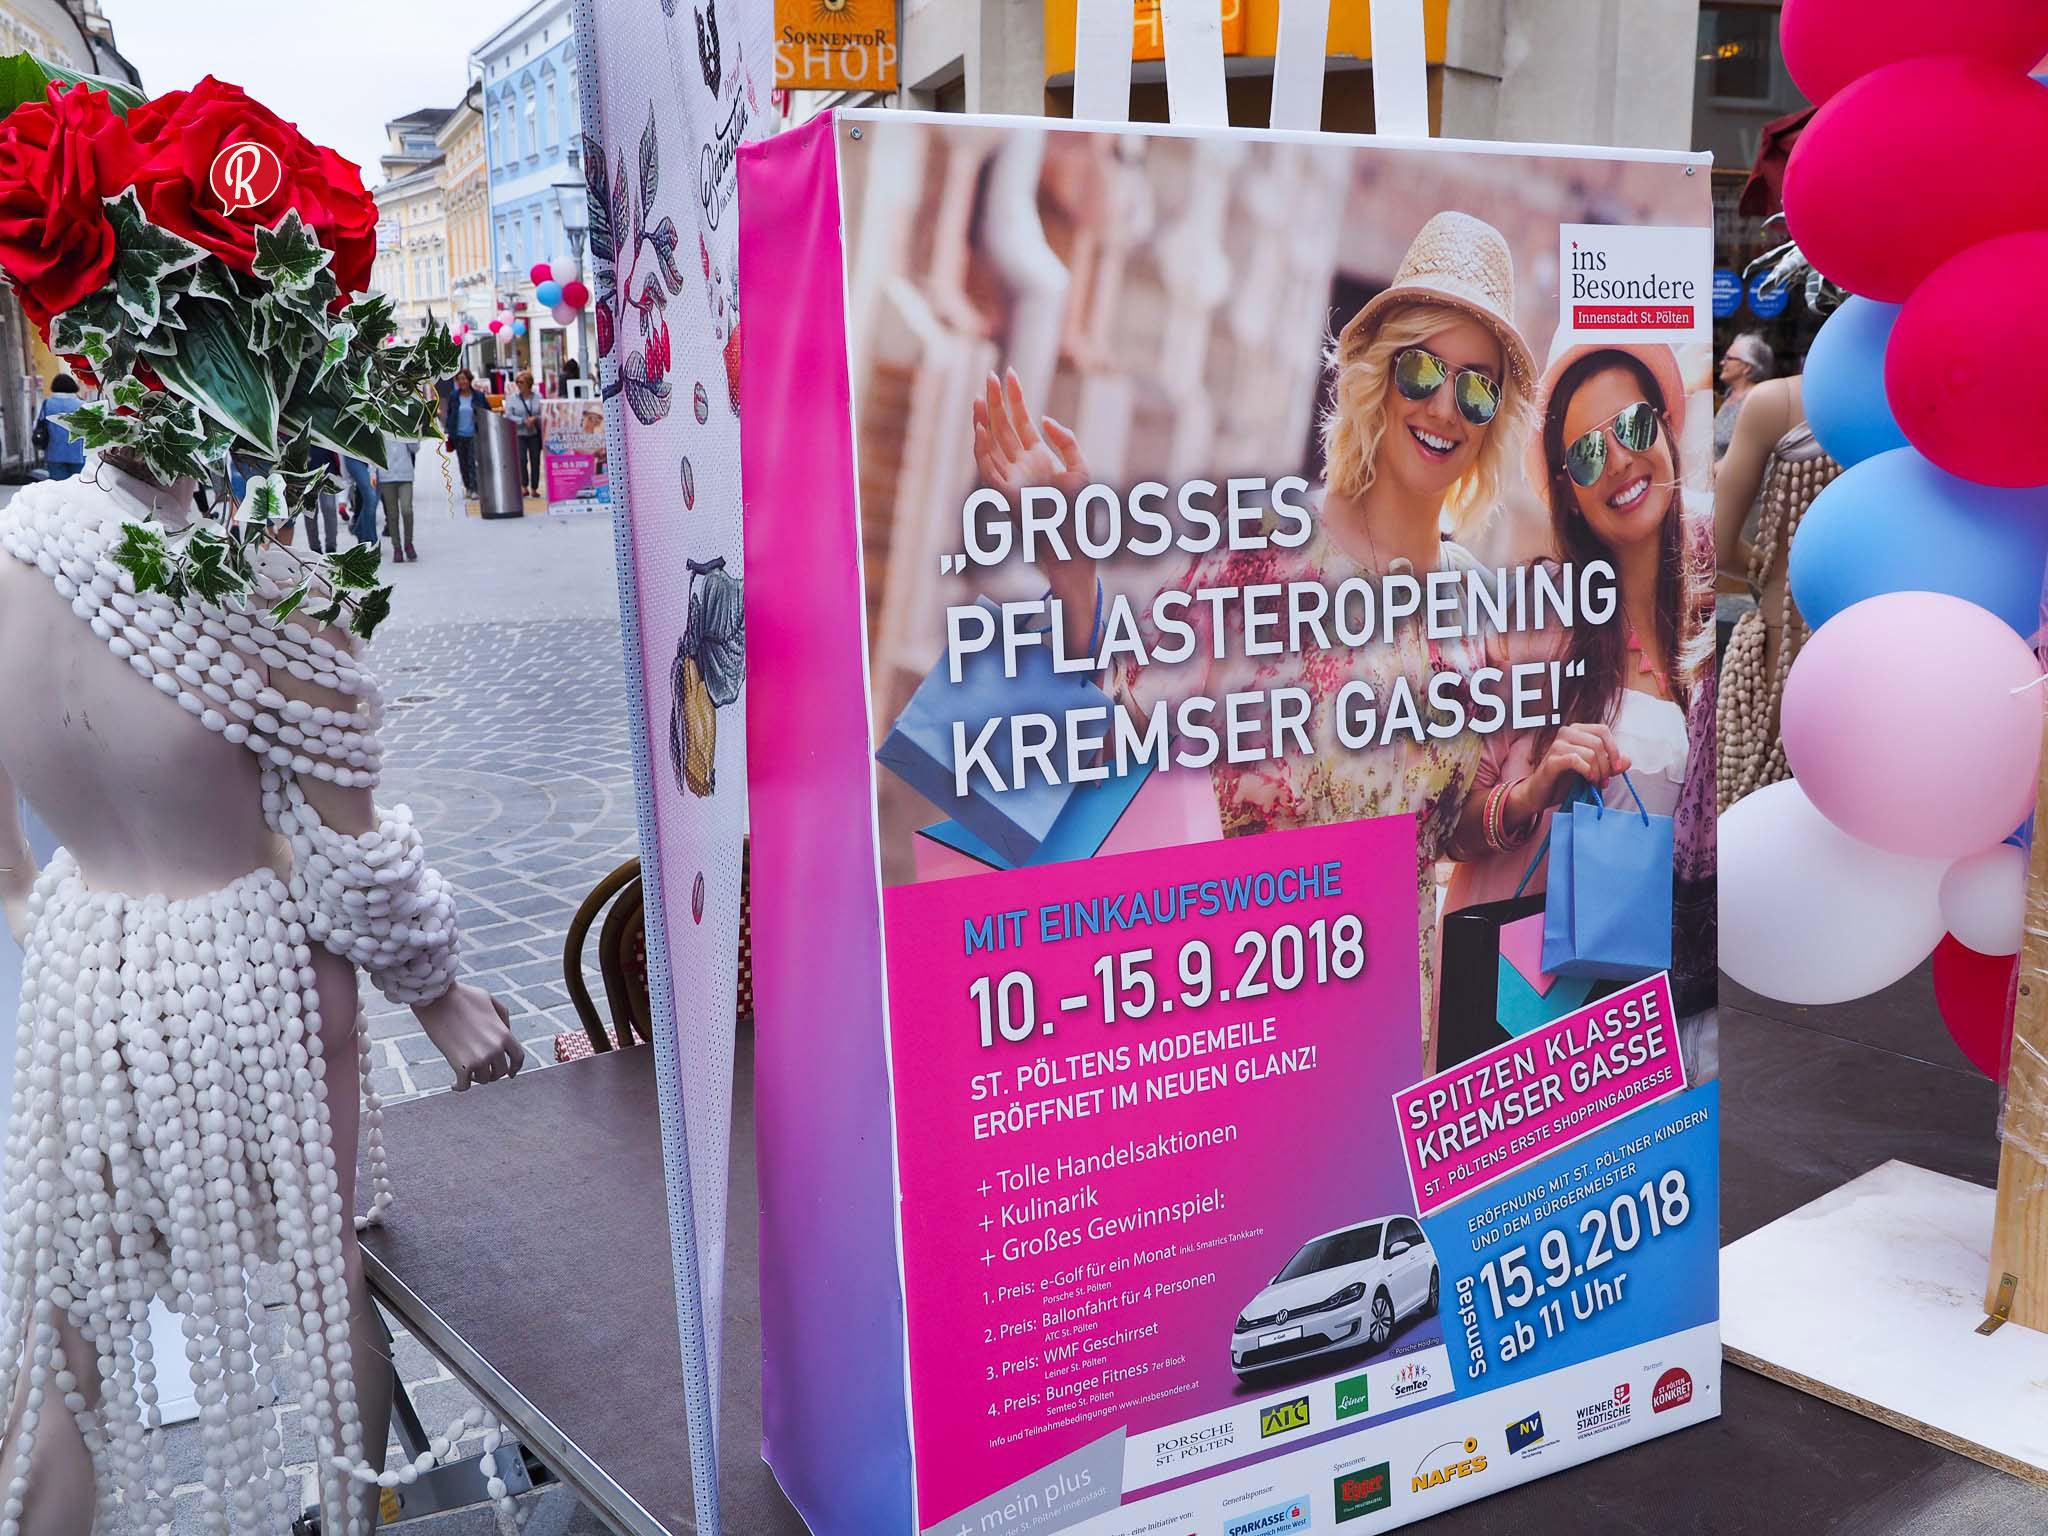 Pflasteropening Kremser Gasse & Einkaufswoche